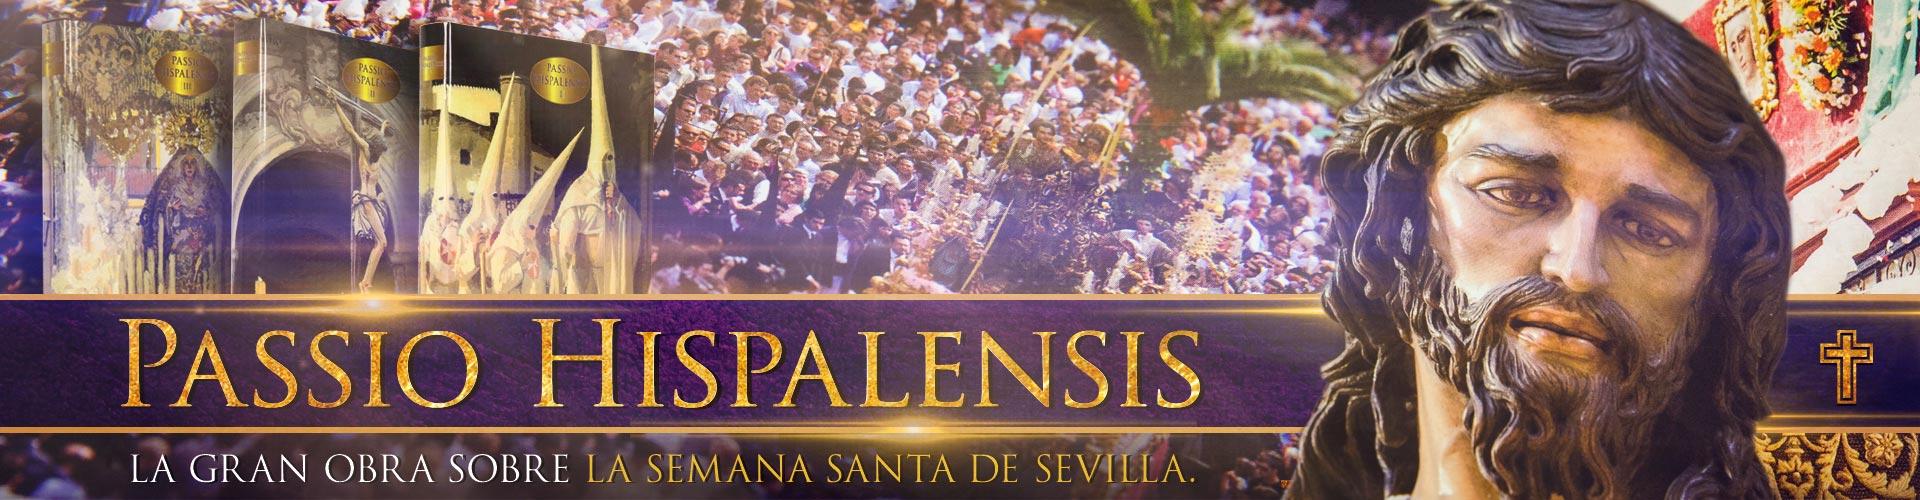 Passio Hispalensis: El Gran libro de la Semana Santa de Sevilla. Sus hermandades y cofradías.